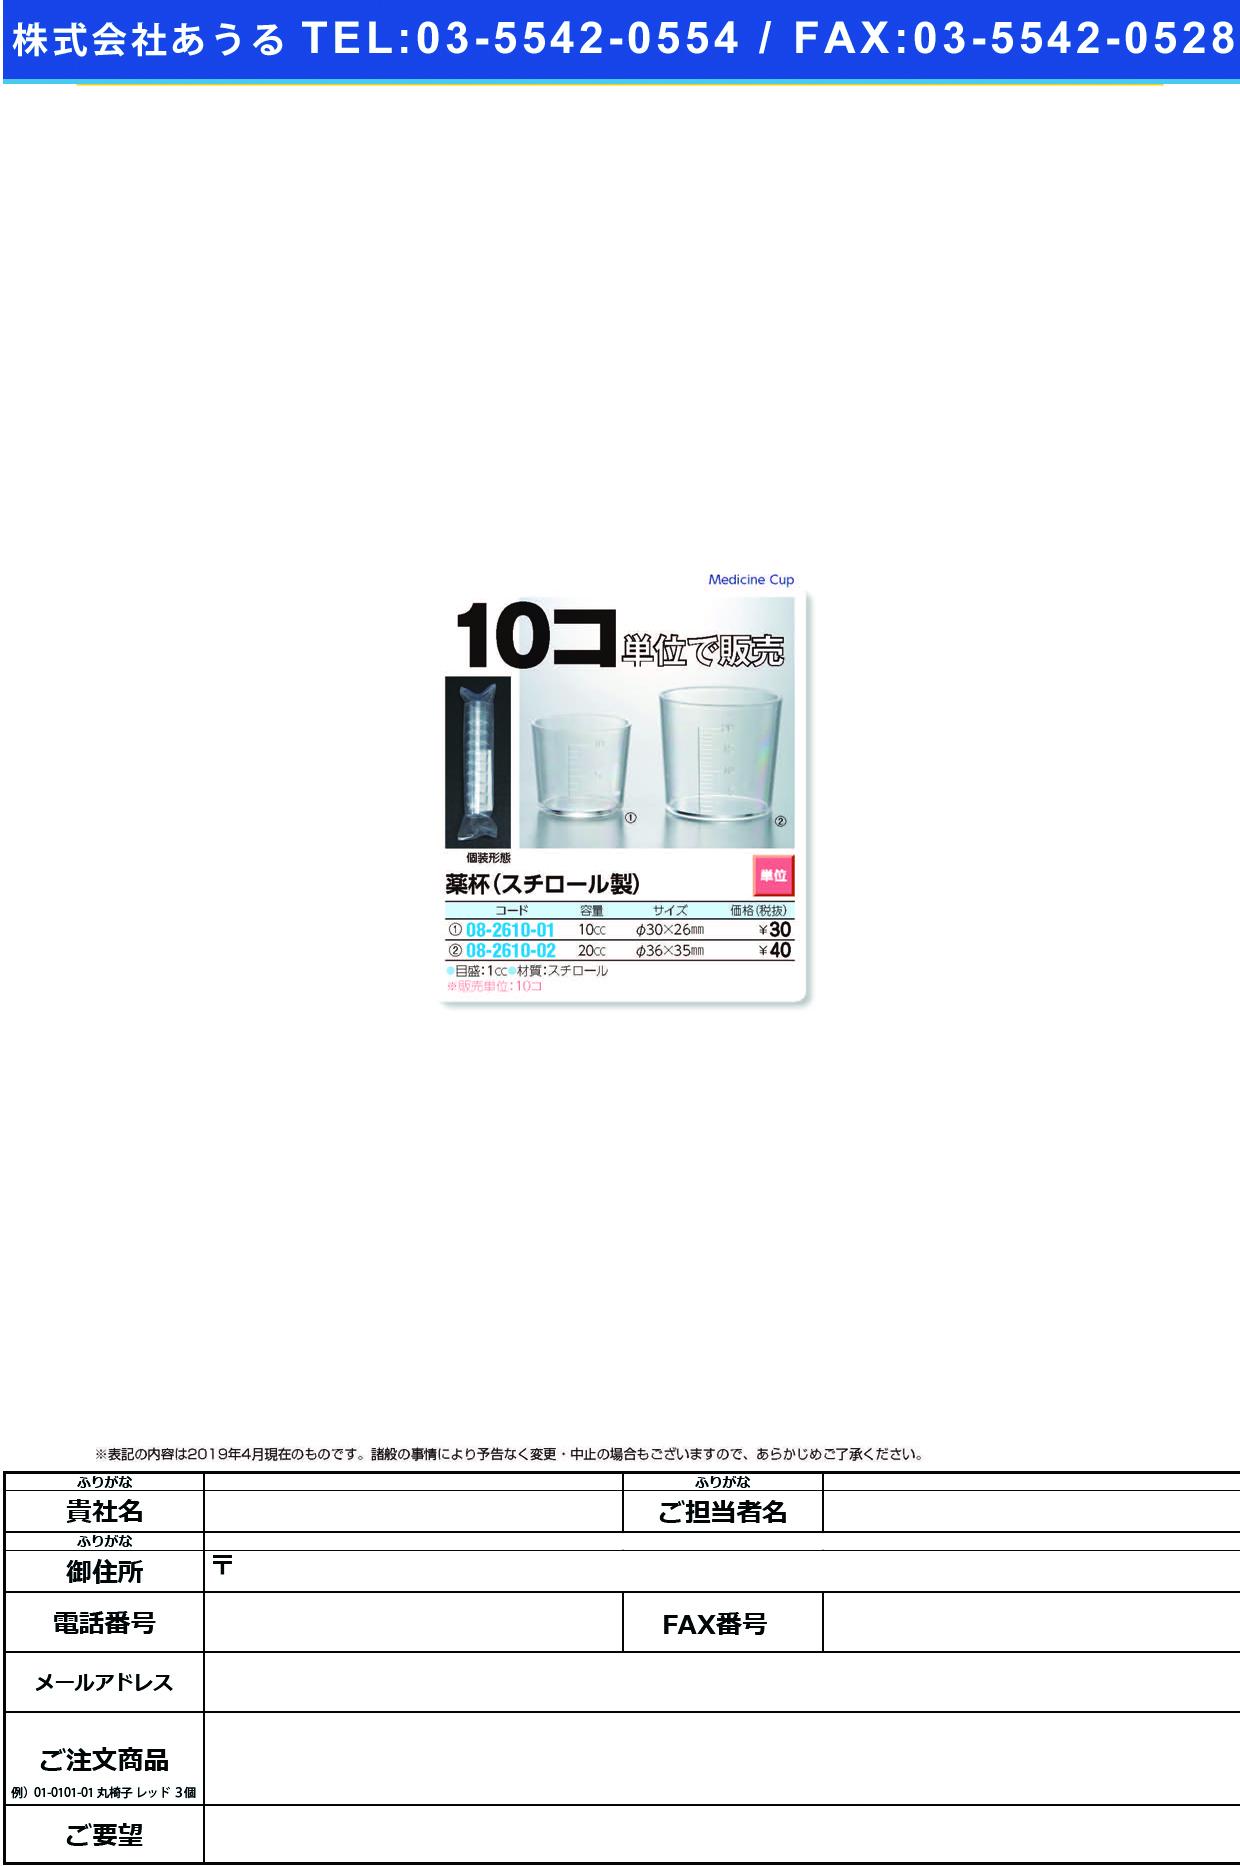 (08-2610-01)薬杯(スチロール)10cc 30X26MM ヤクハイ(スチロール)10CC【10個単位】【2019年カタログ商品】